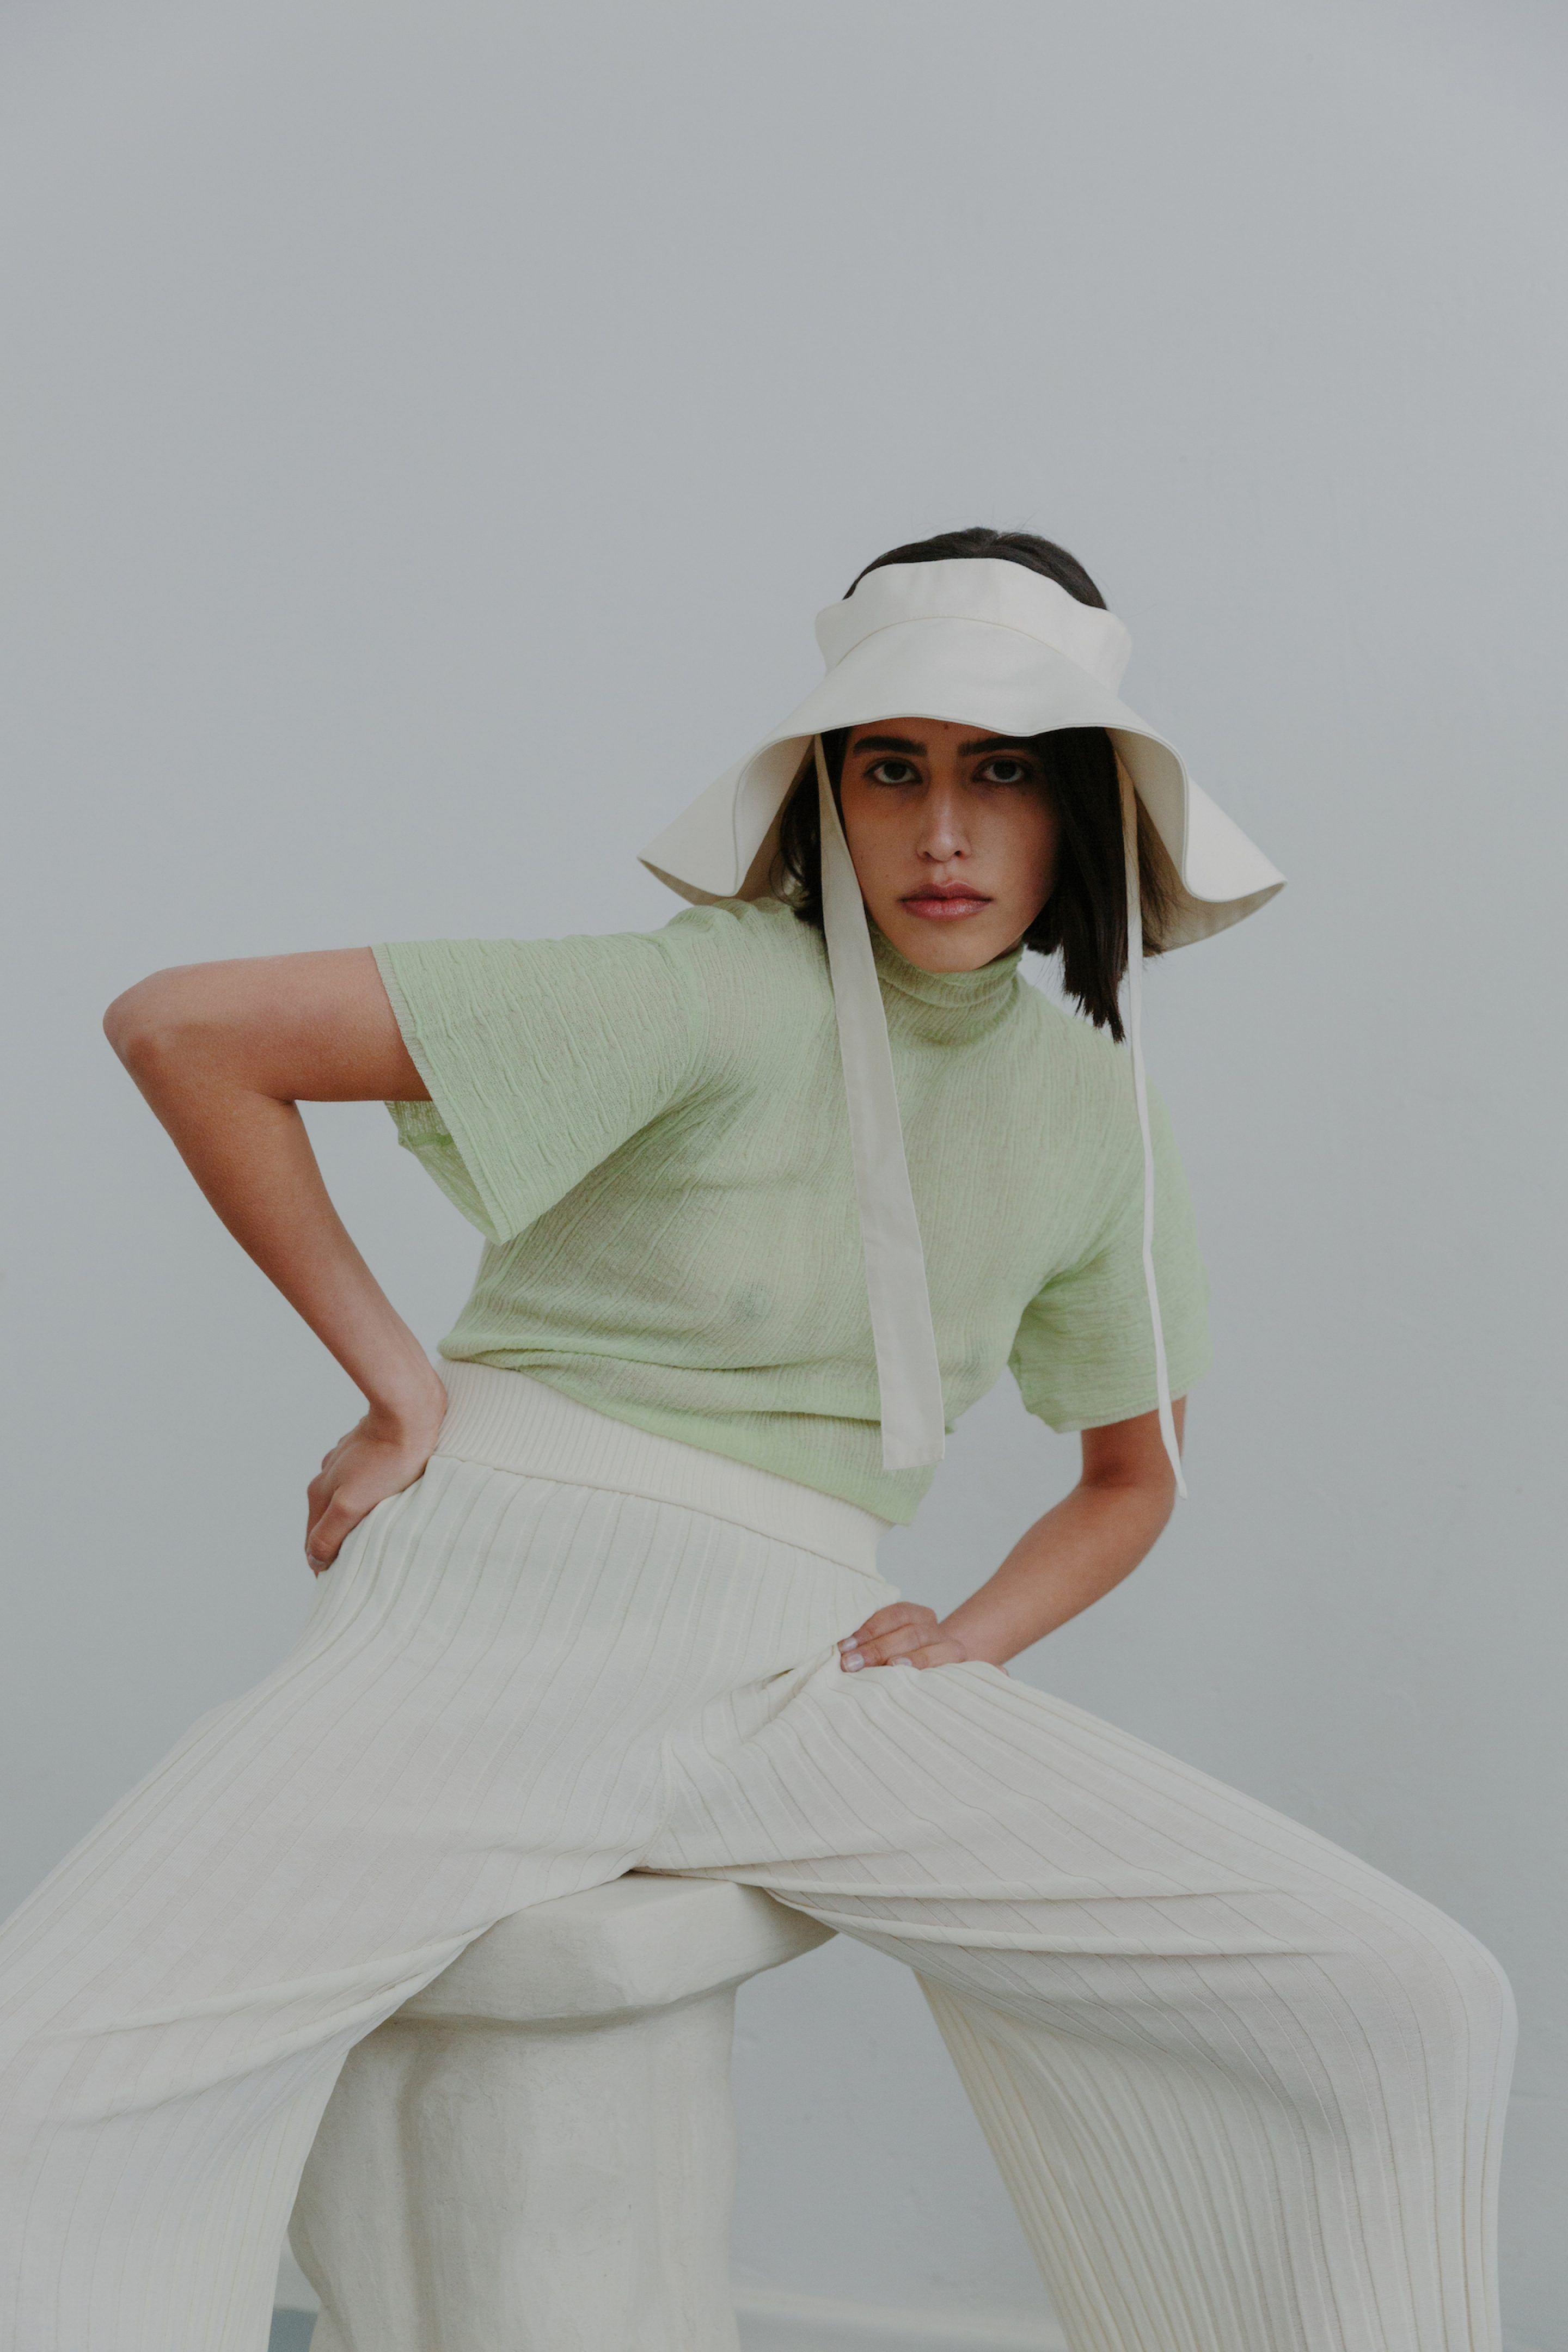 IGNANT-Design-Rus-Editorial-Marina-Denisova-08